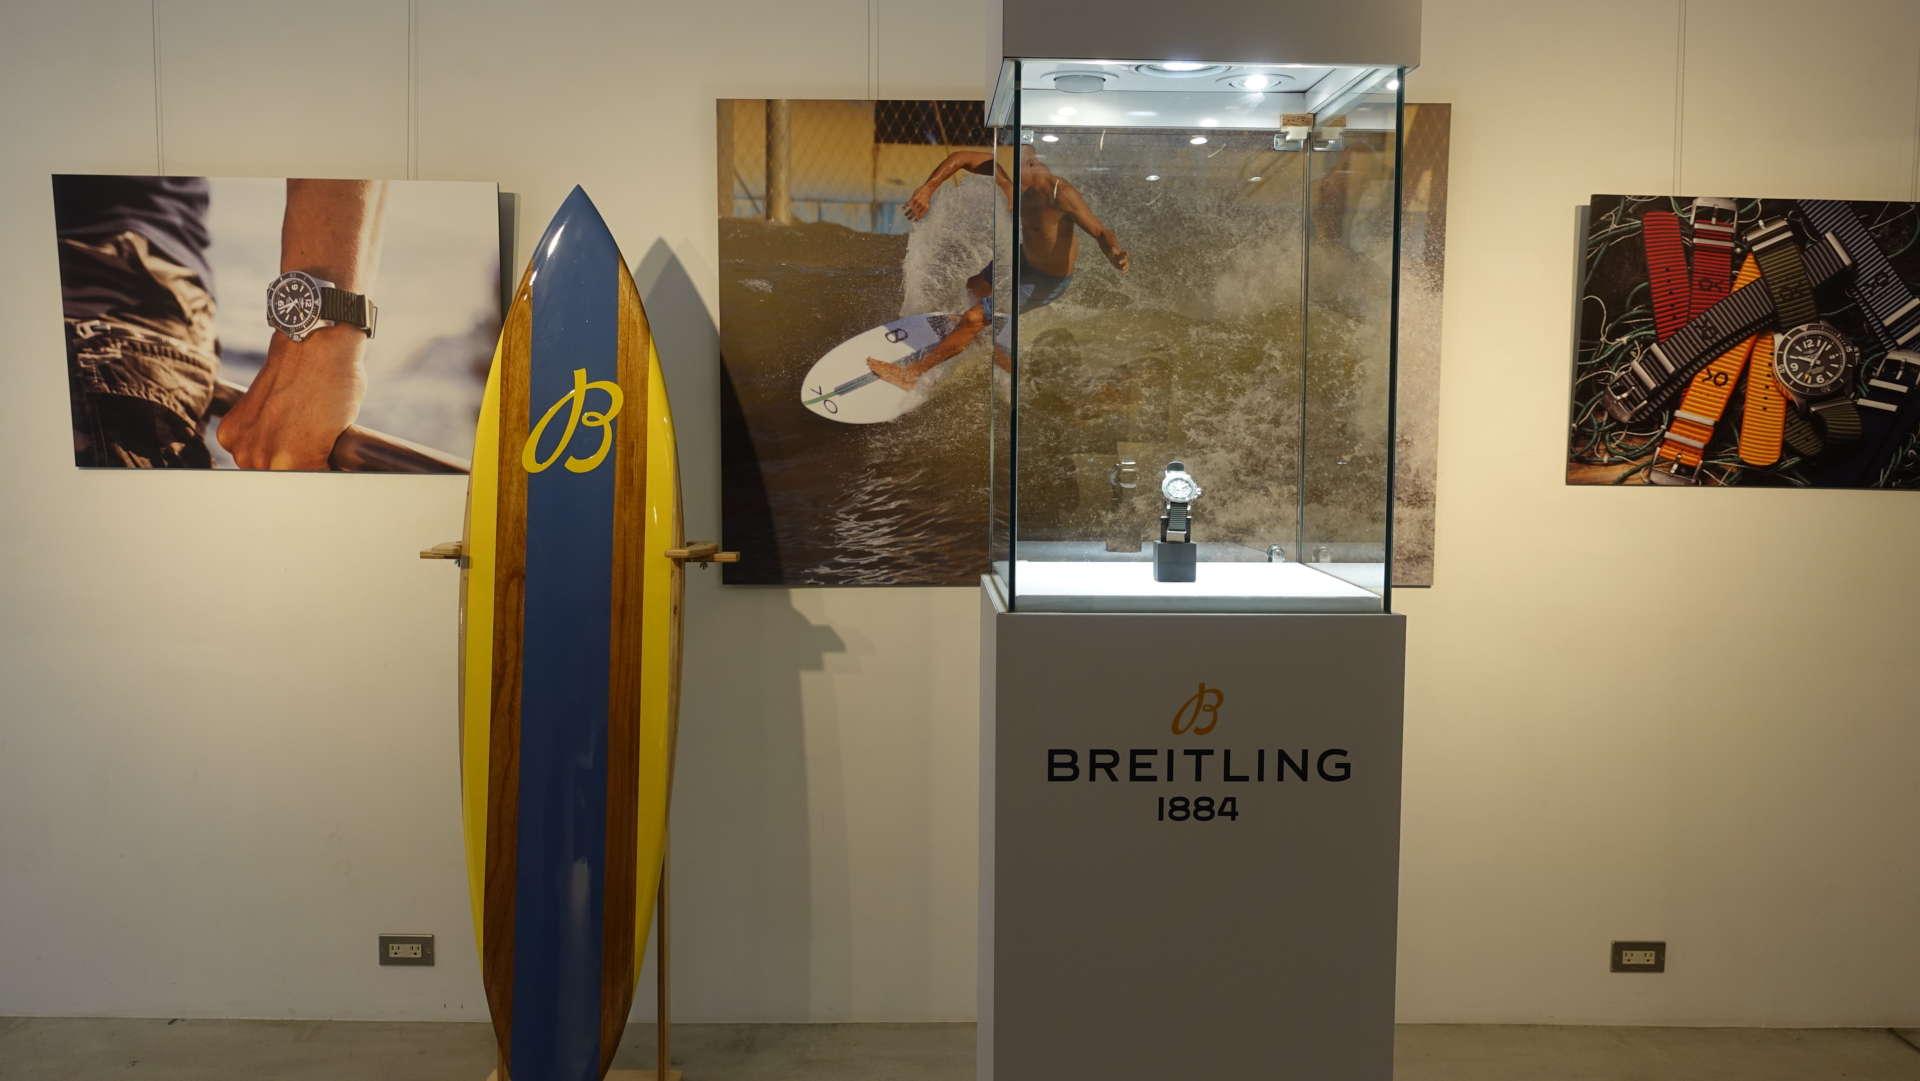 百年靈與衝浪行動隊合作的海洋腕錶,代表對運動及海洋議題的關注。